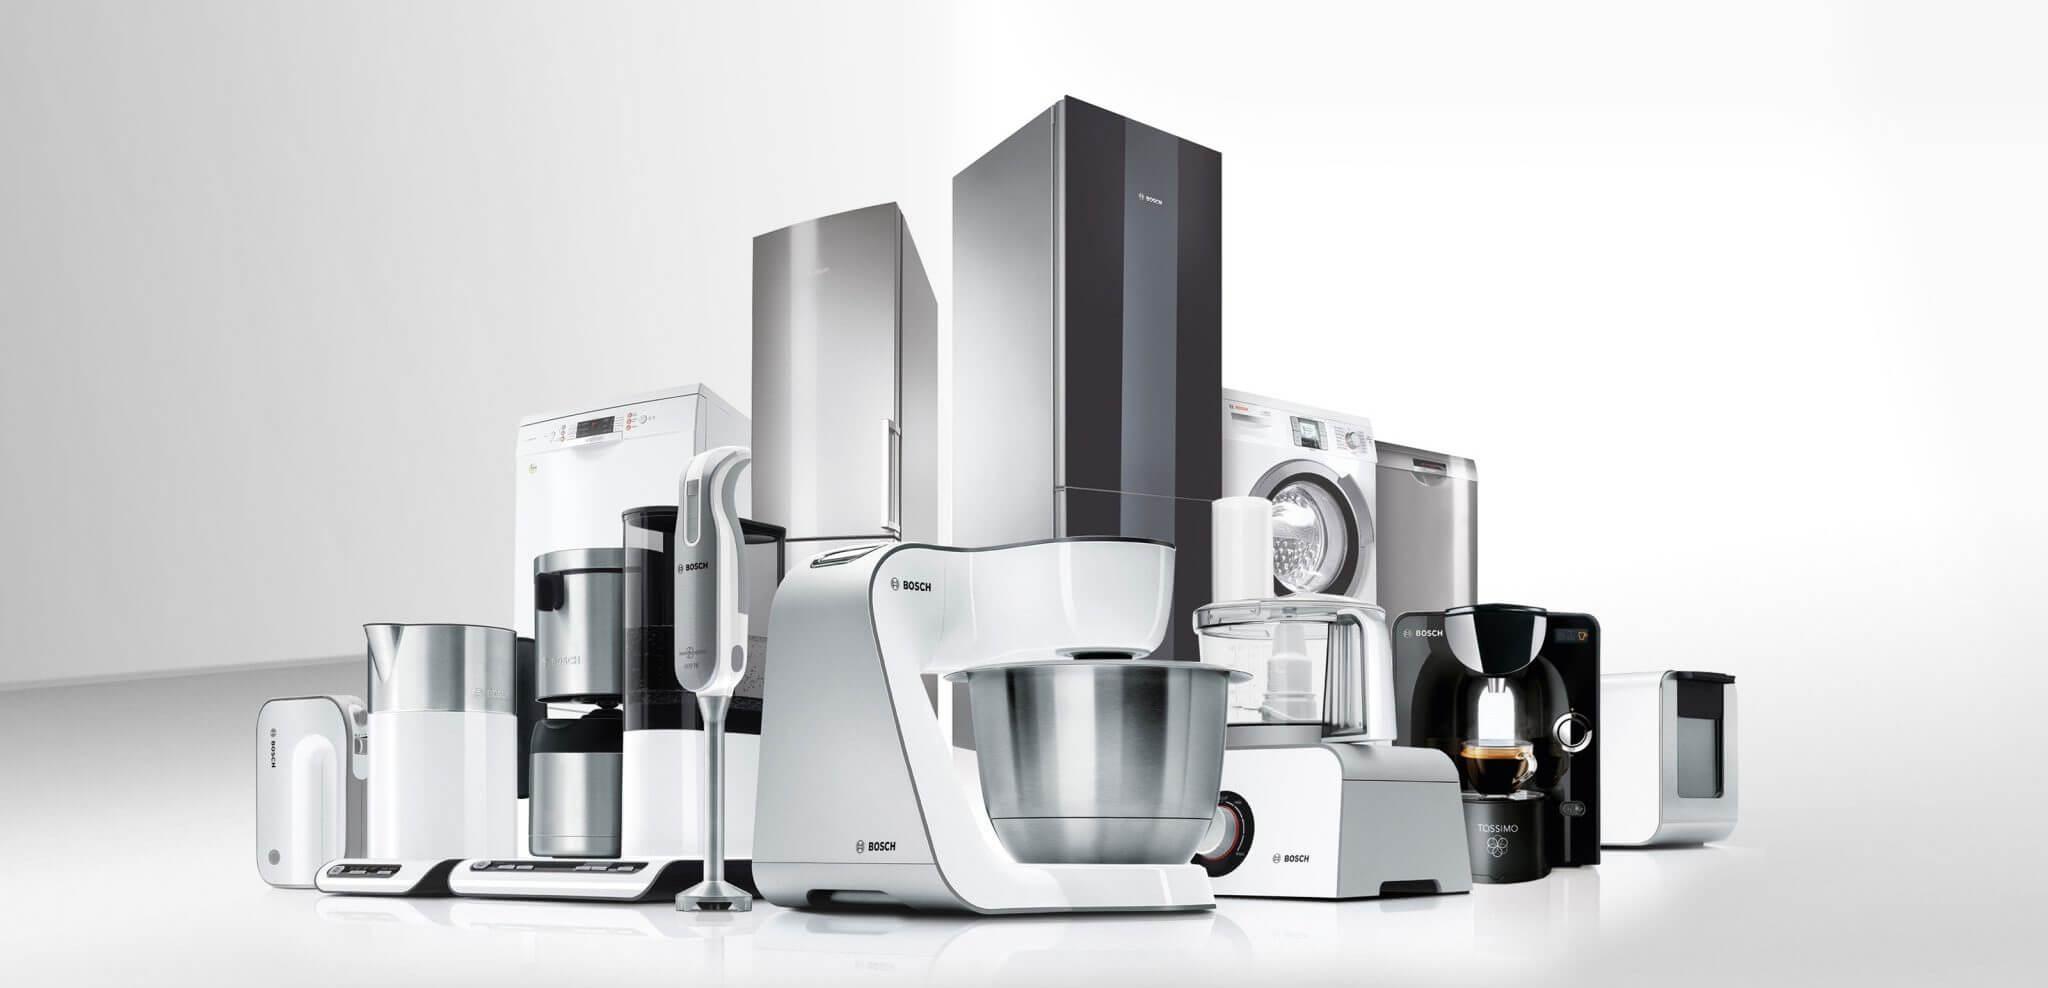 home appliances range e1521783470379 - As cafeteiras e eletrodomésticos mais buscados no ZOOM em março